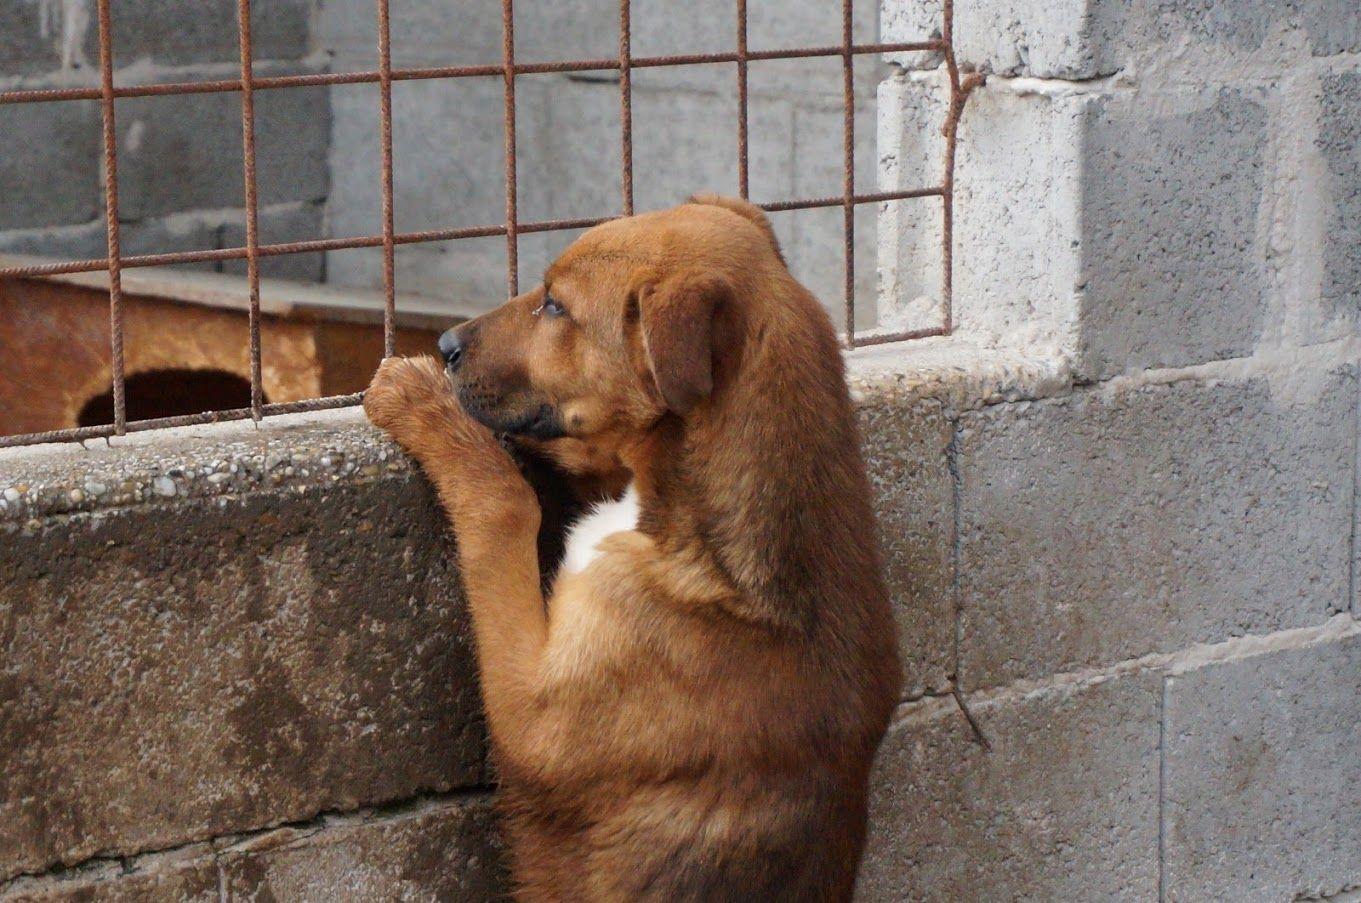 Pin Von Christian Bayer Auf Tierheimleben In Not Inoffizielle Pinnwand Tierheim Tiere Familienhund